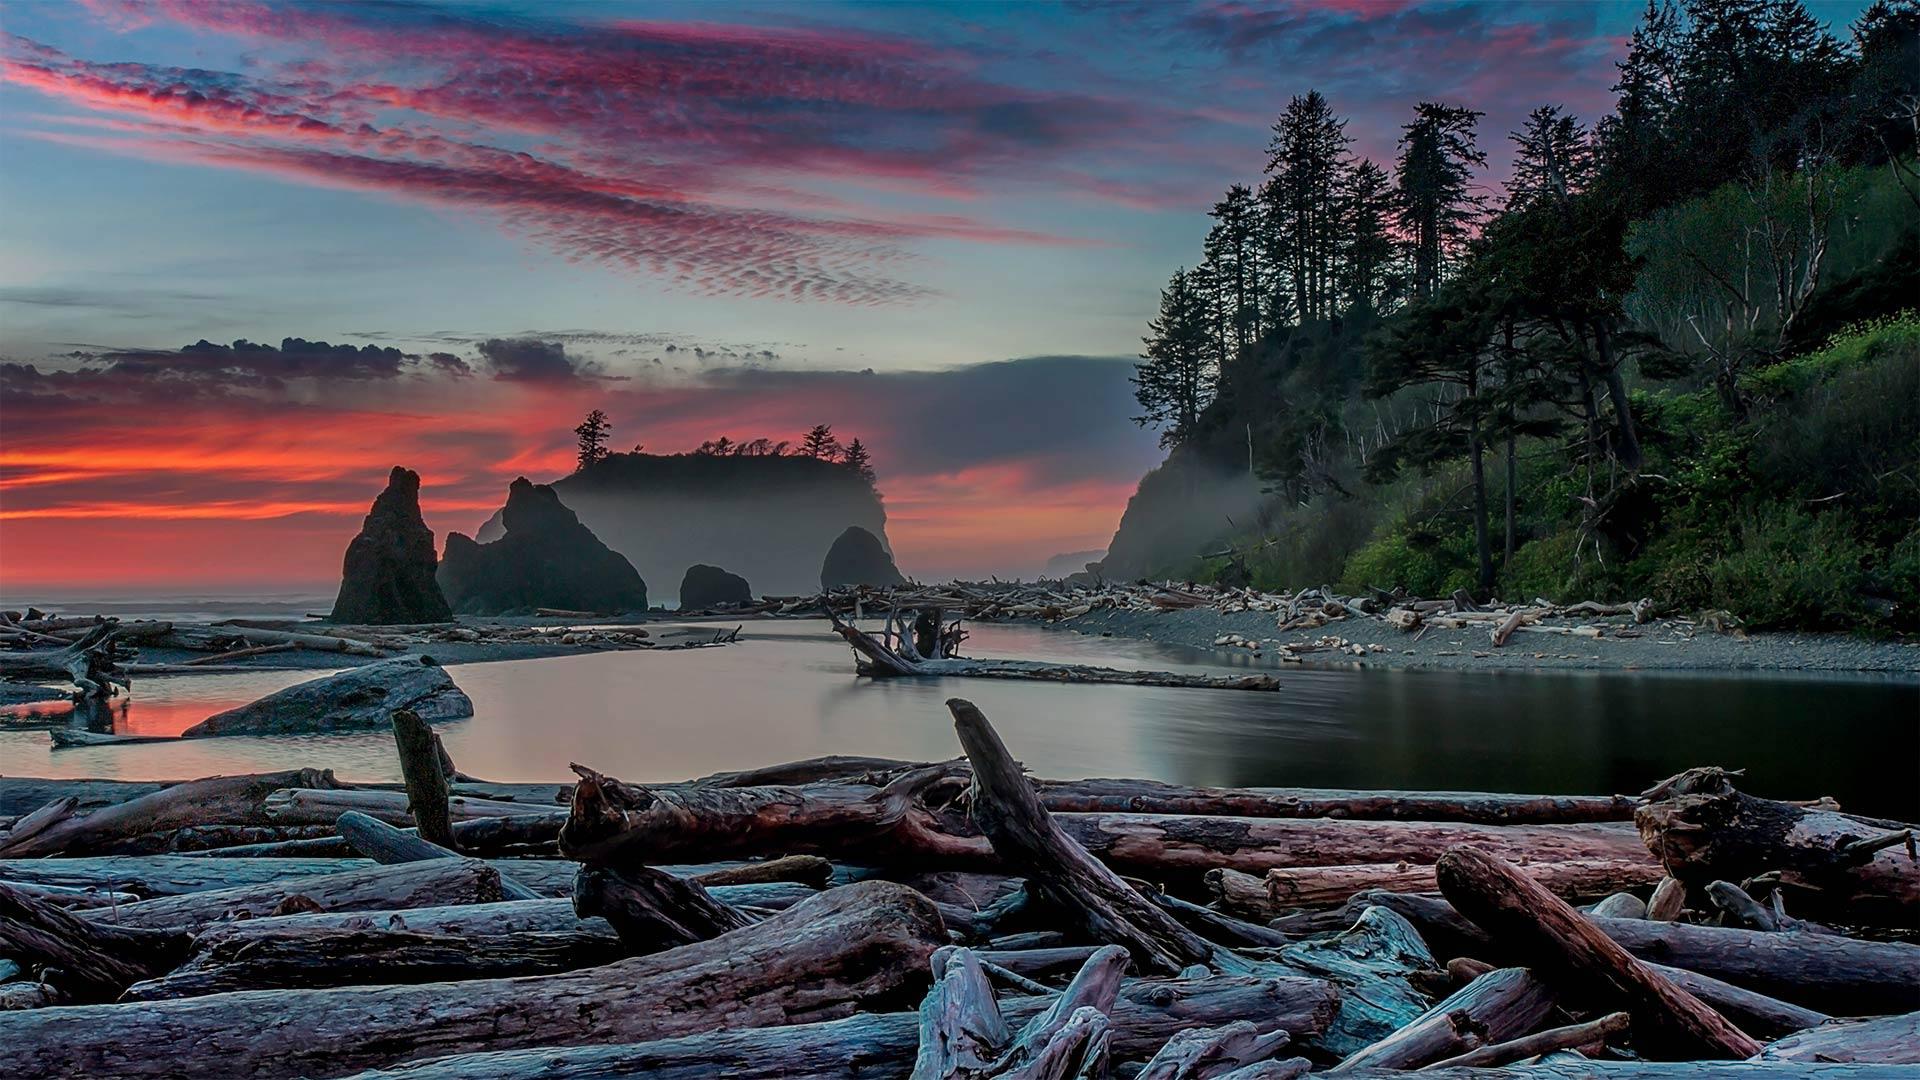 「ルビービーチの夕暮れ」米国ワシントン州, オリンピック国立公園 (© Adam Mowery/Tandem Stills + Motion)